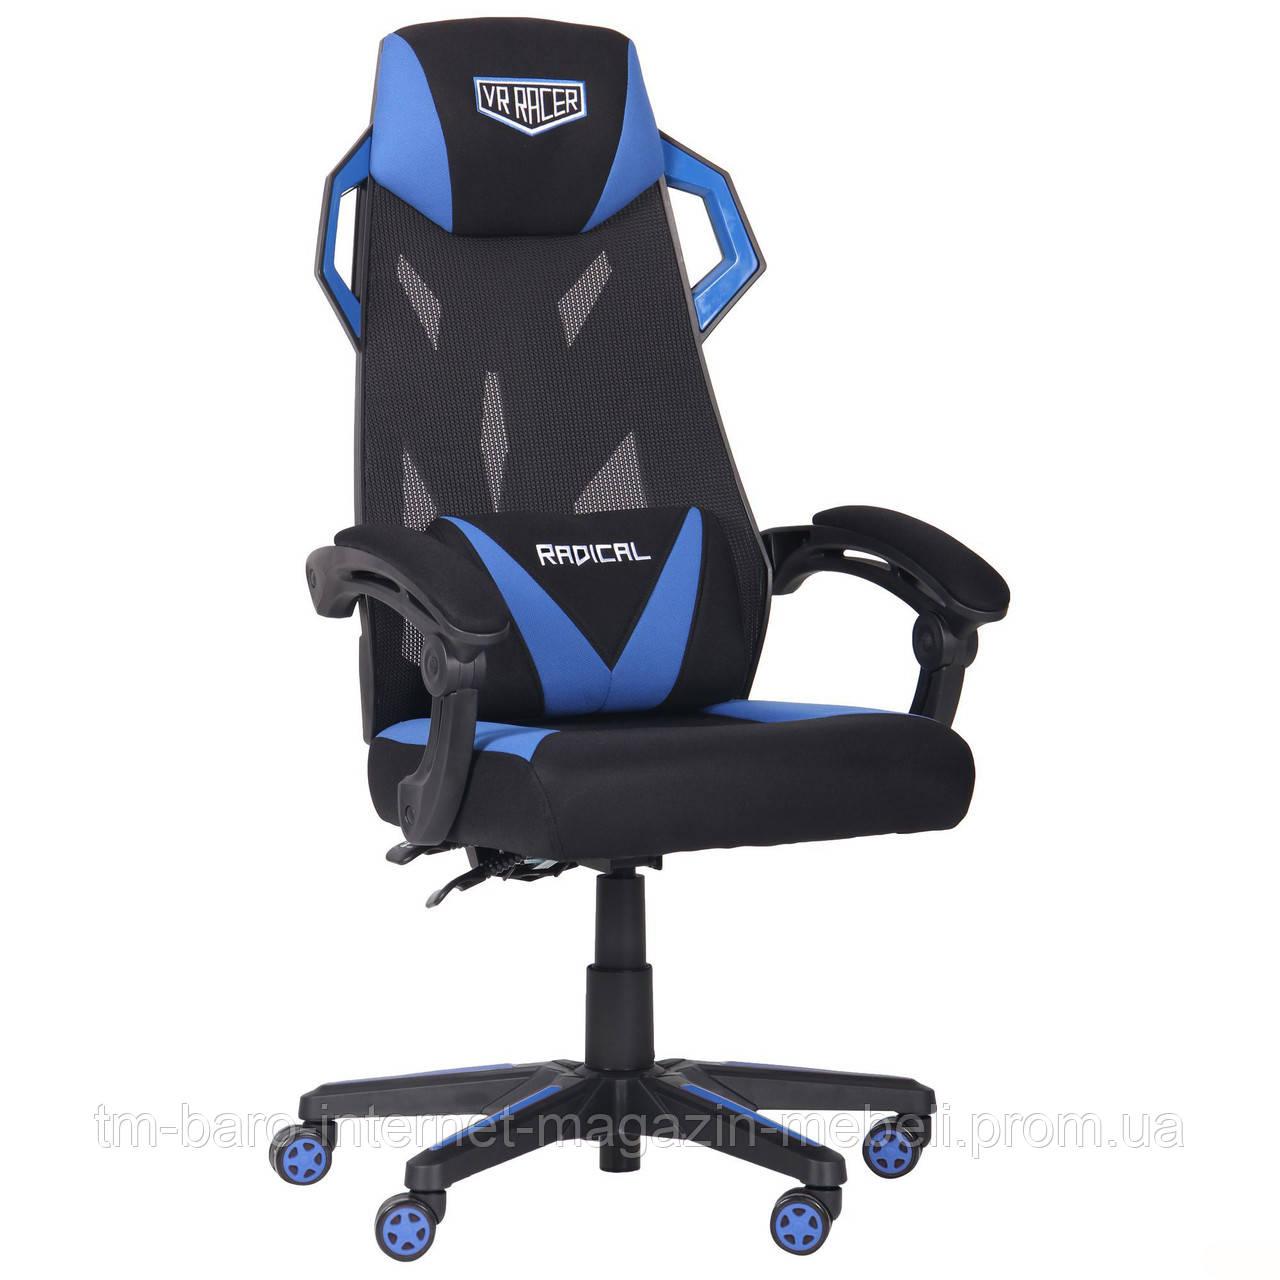 Кресло VR Racer Radical Taylor черный/синий, Бесплатная доставка